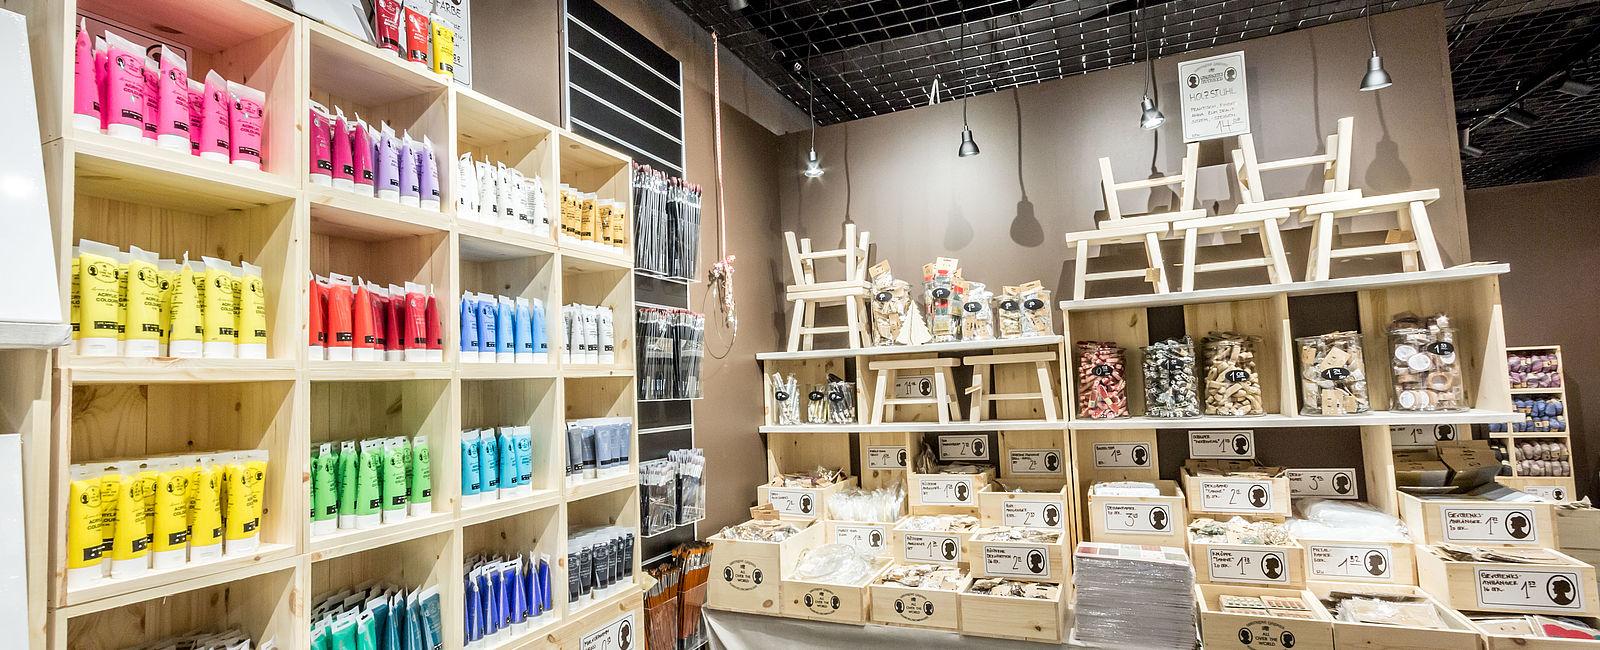 Der Erste Søstrene Grene Store In Der Schweiz Connoisseur Circle News